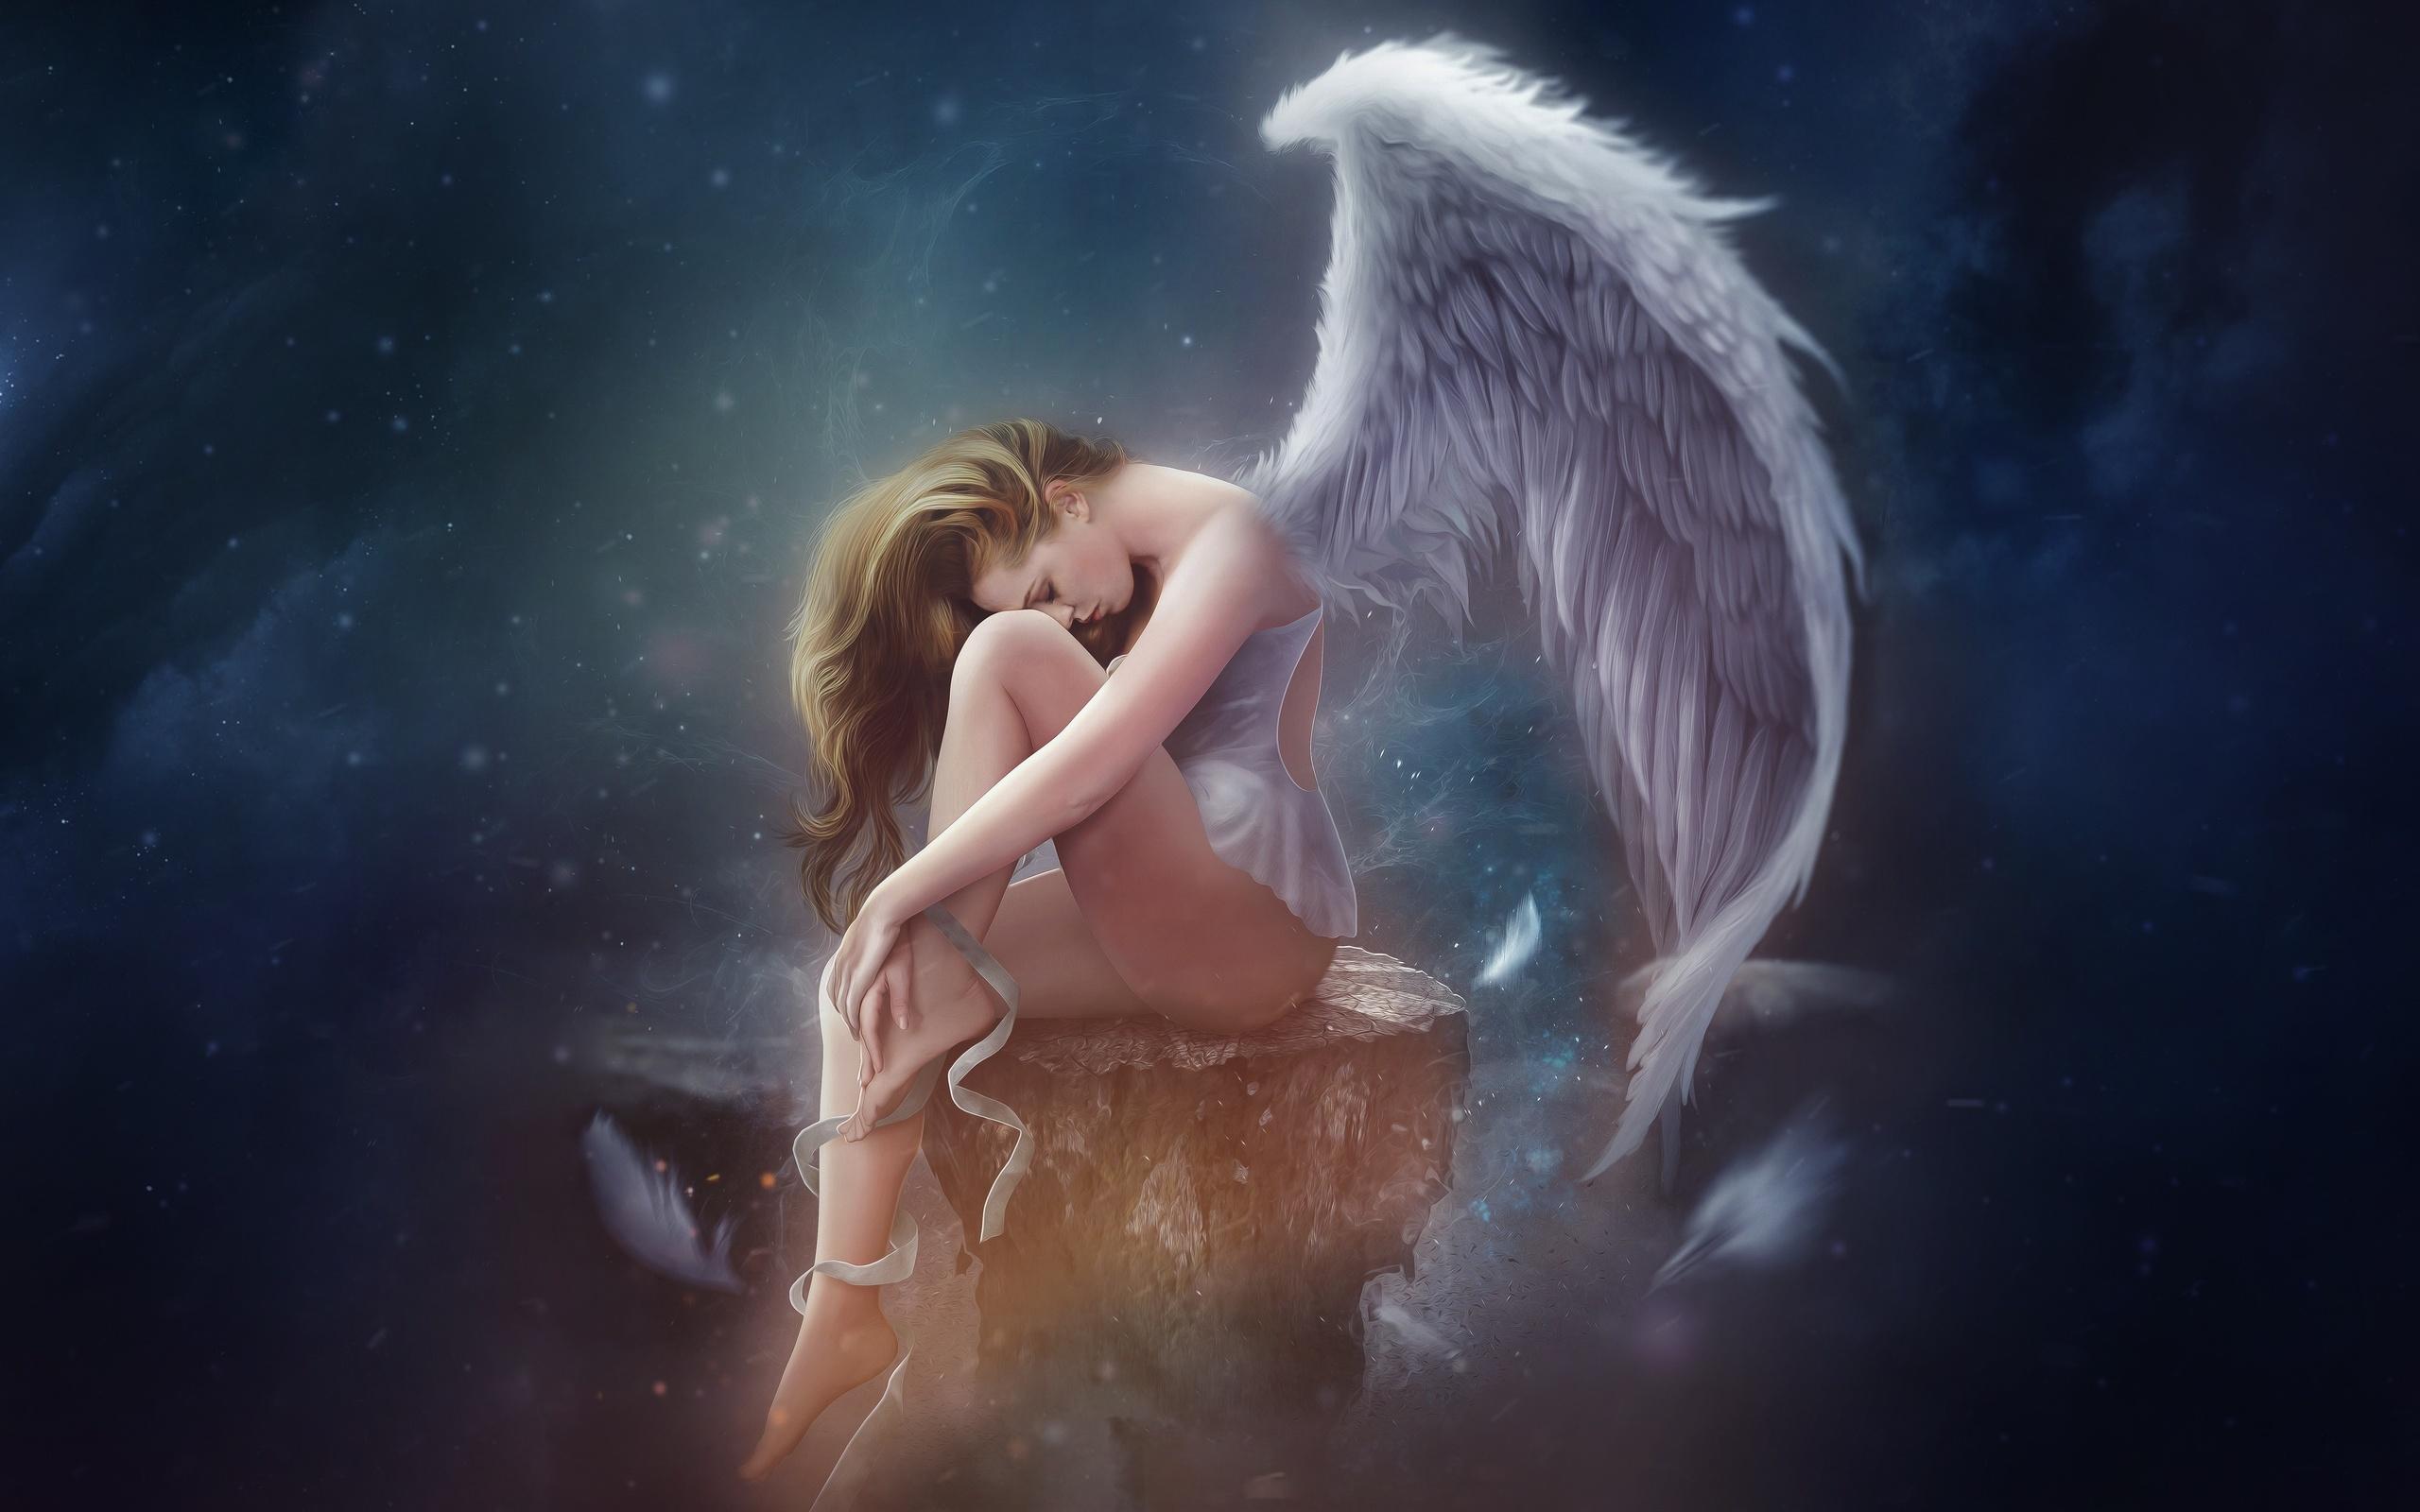 яндекс диск картинки на рабочий стол фэнтези ангелочки изо всех